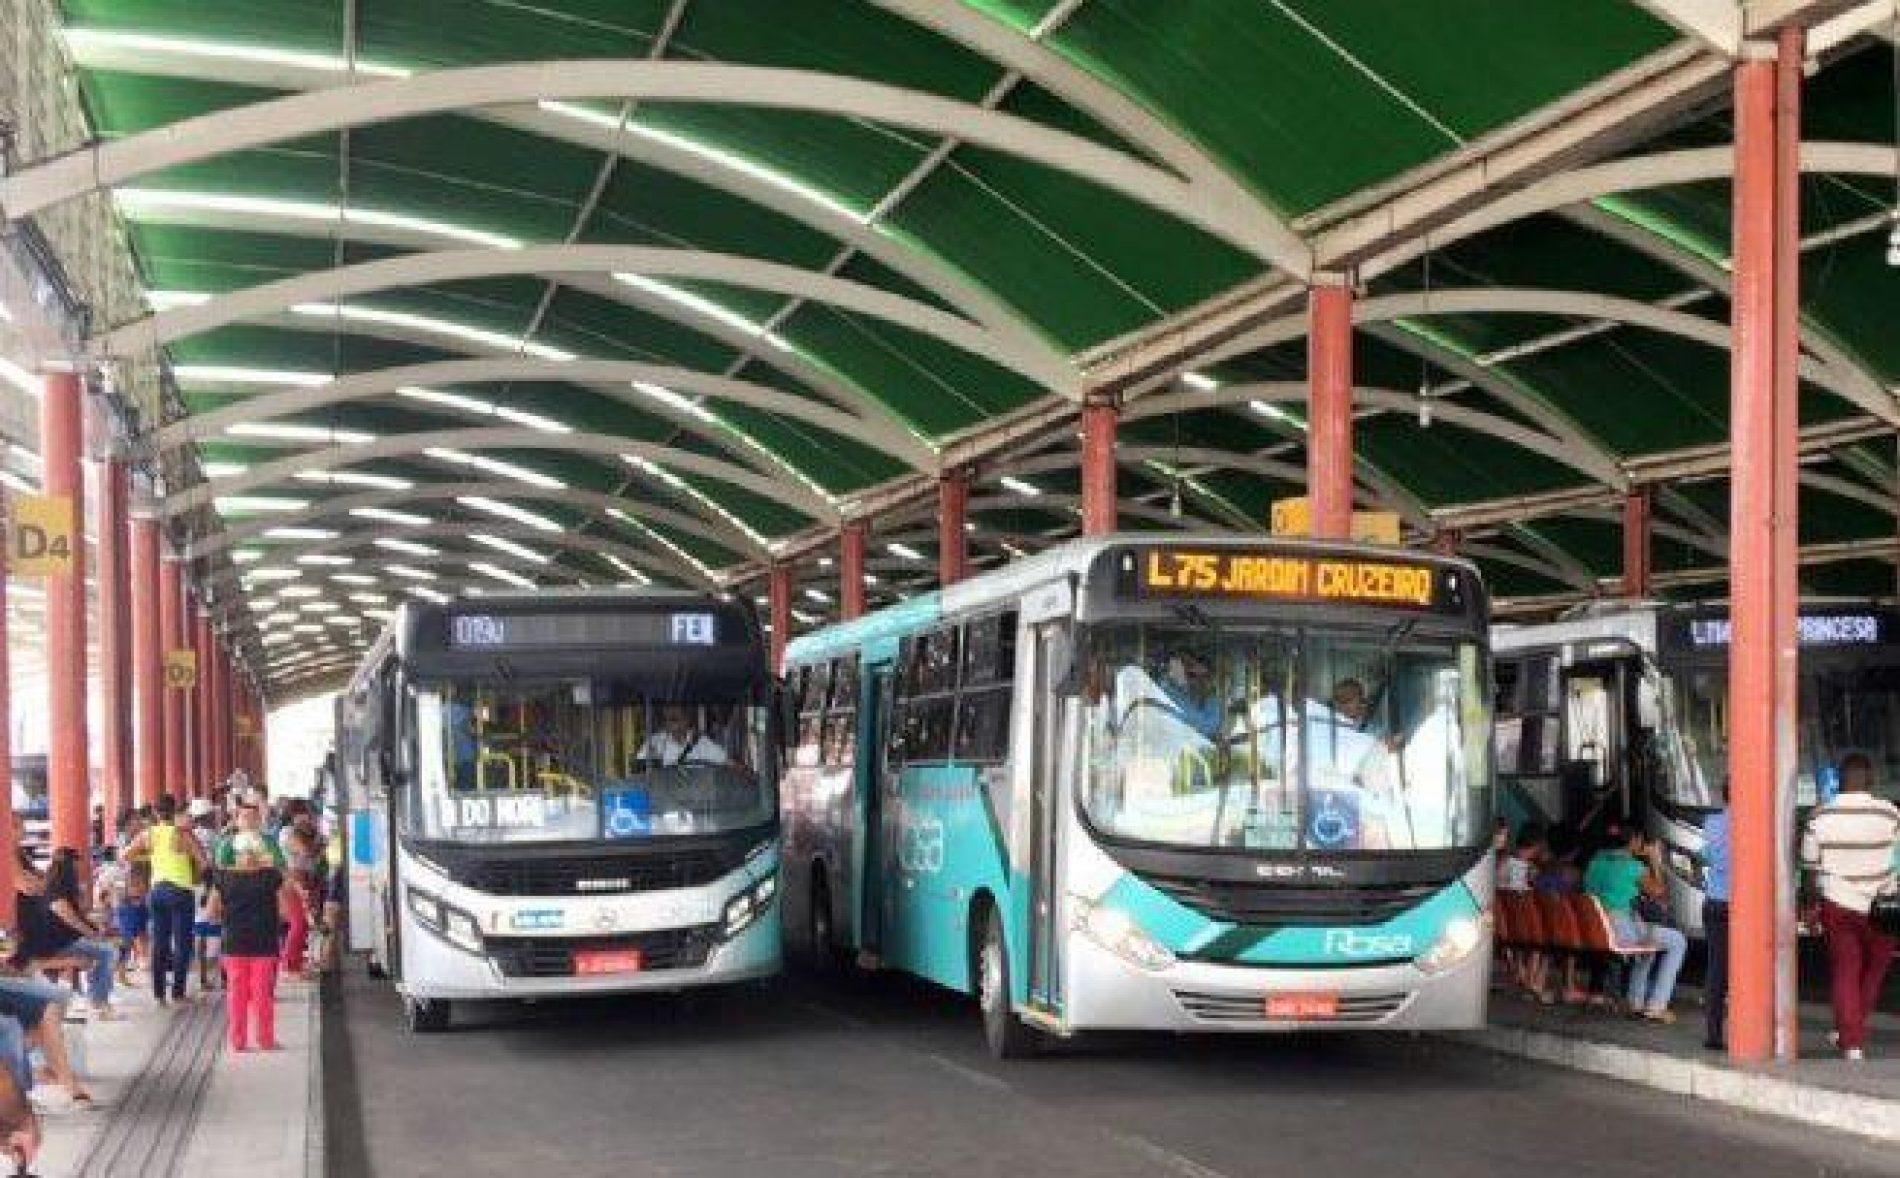 Feira de Santana: Nova passagem de ônibus mais cara entra em vigor no município